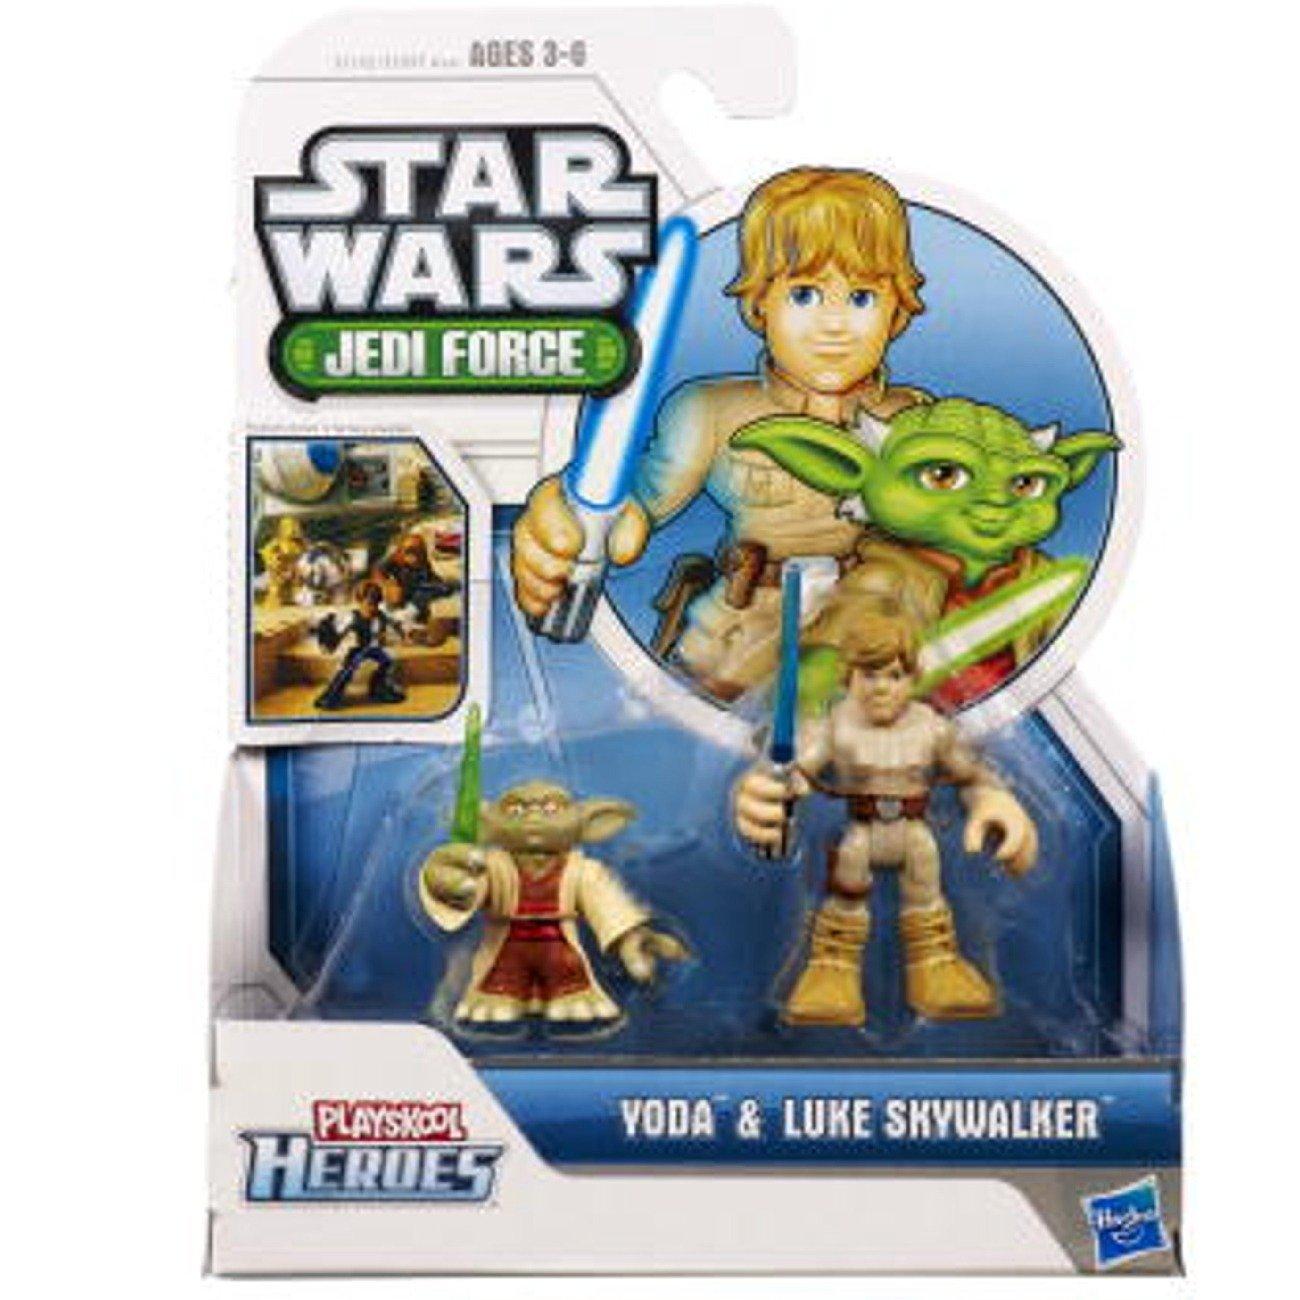 Juegos-de-mesa Hasbro, Playskool Heroes, Star Wars, figuras de la fuerza Jedi, Luke Skywalker y Yoda en Veo y Compro